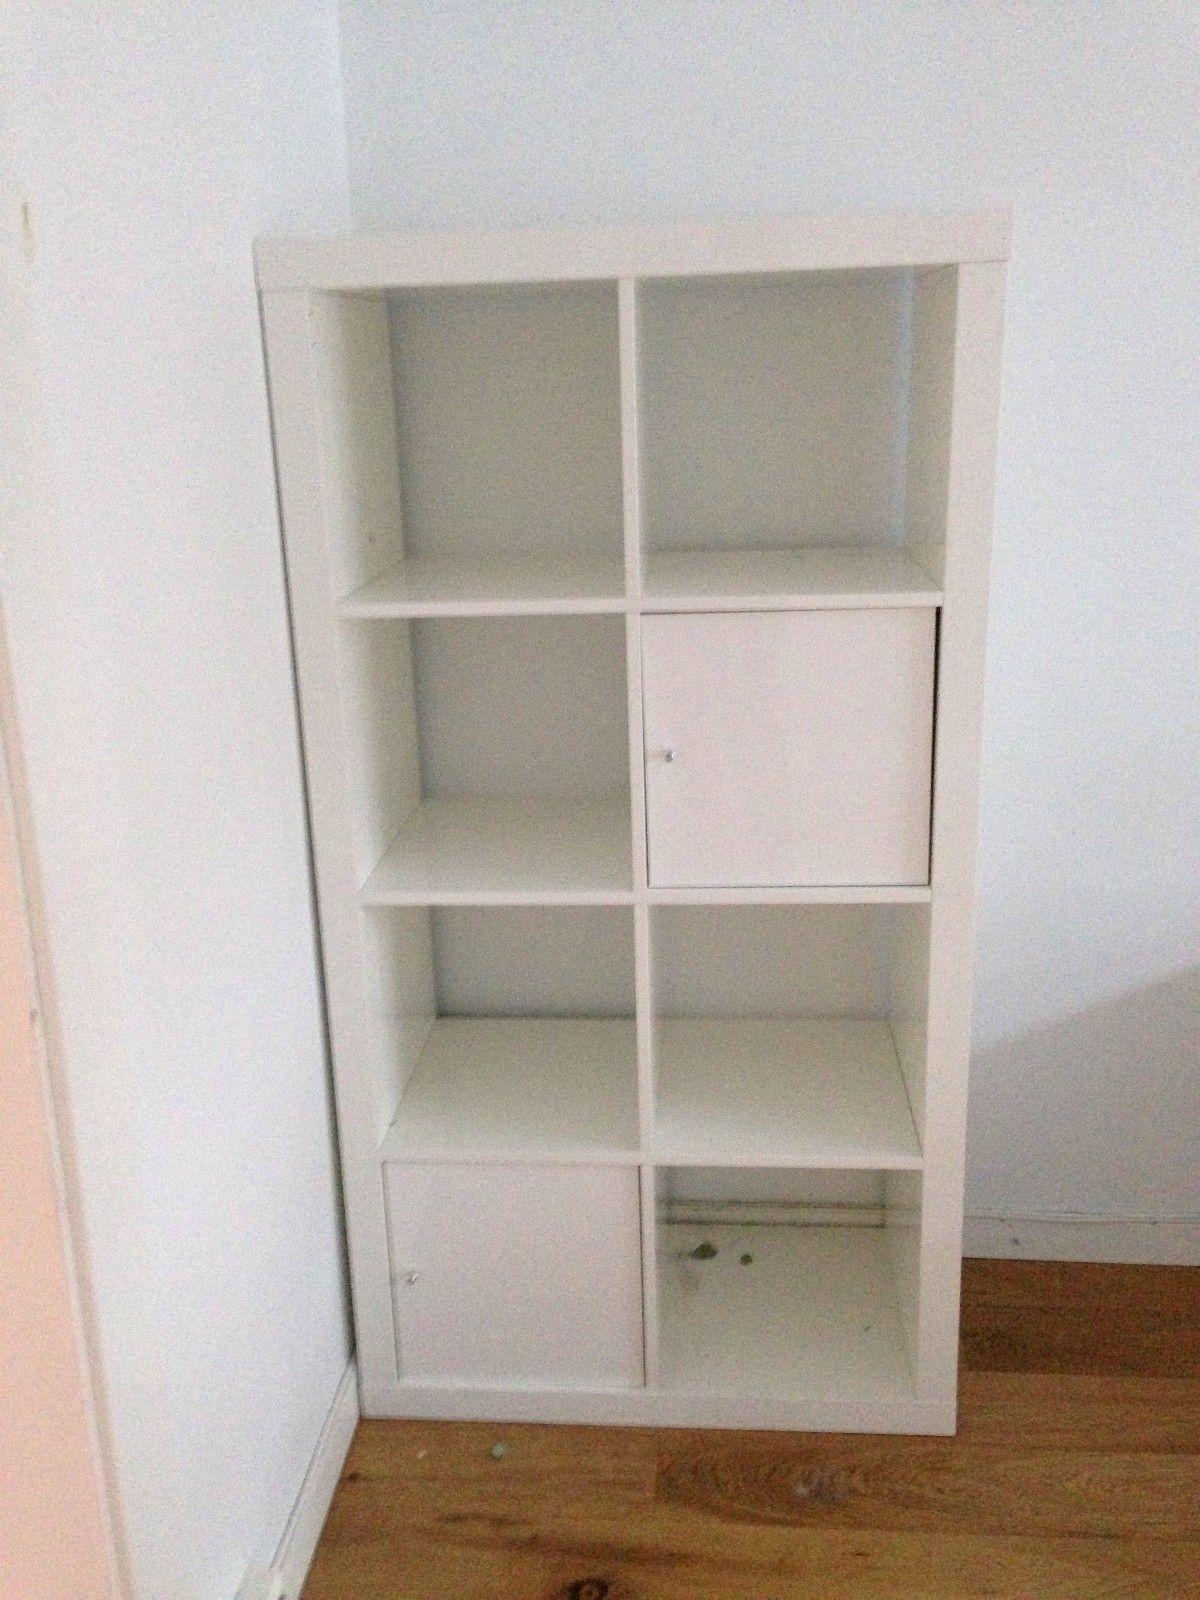 Finn Ikea Lack Hylle Gis Bort Noe Slitasje Garasje